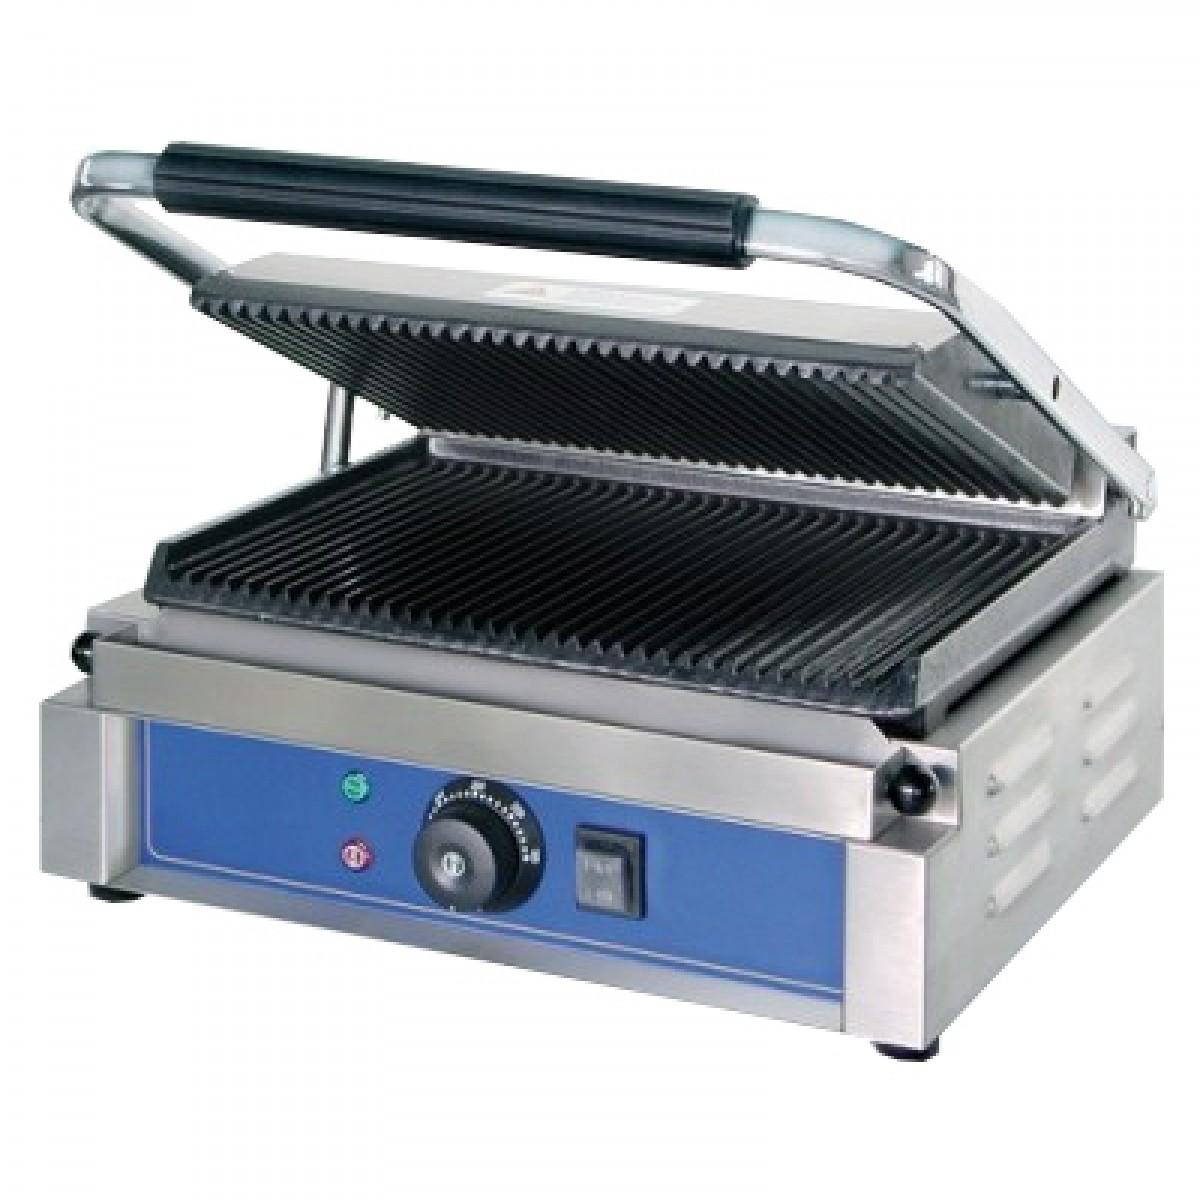 Piastre elettriche pm rrc - Piastre per cucinare elettriche ...